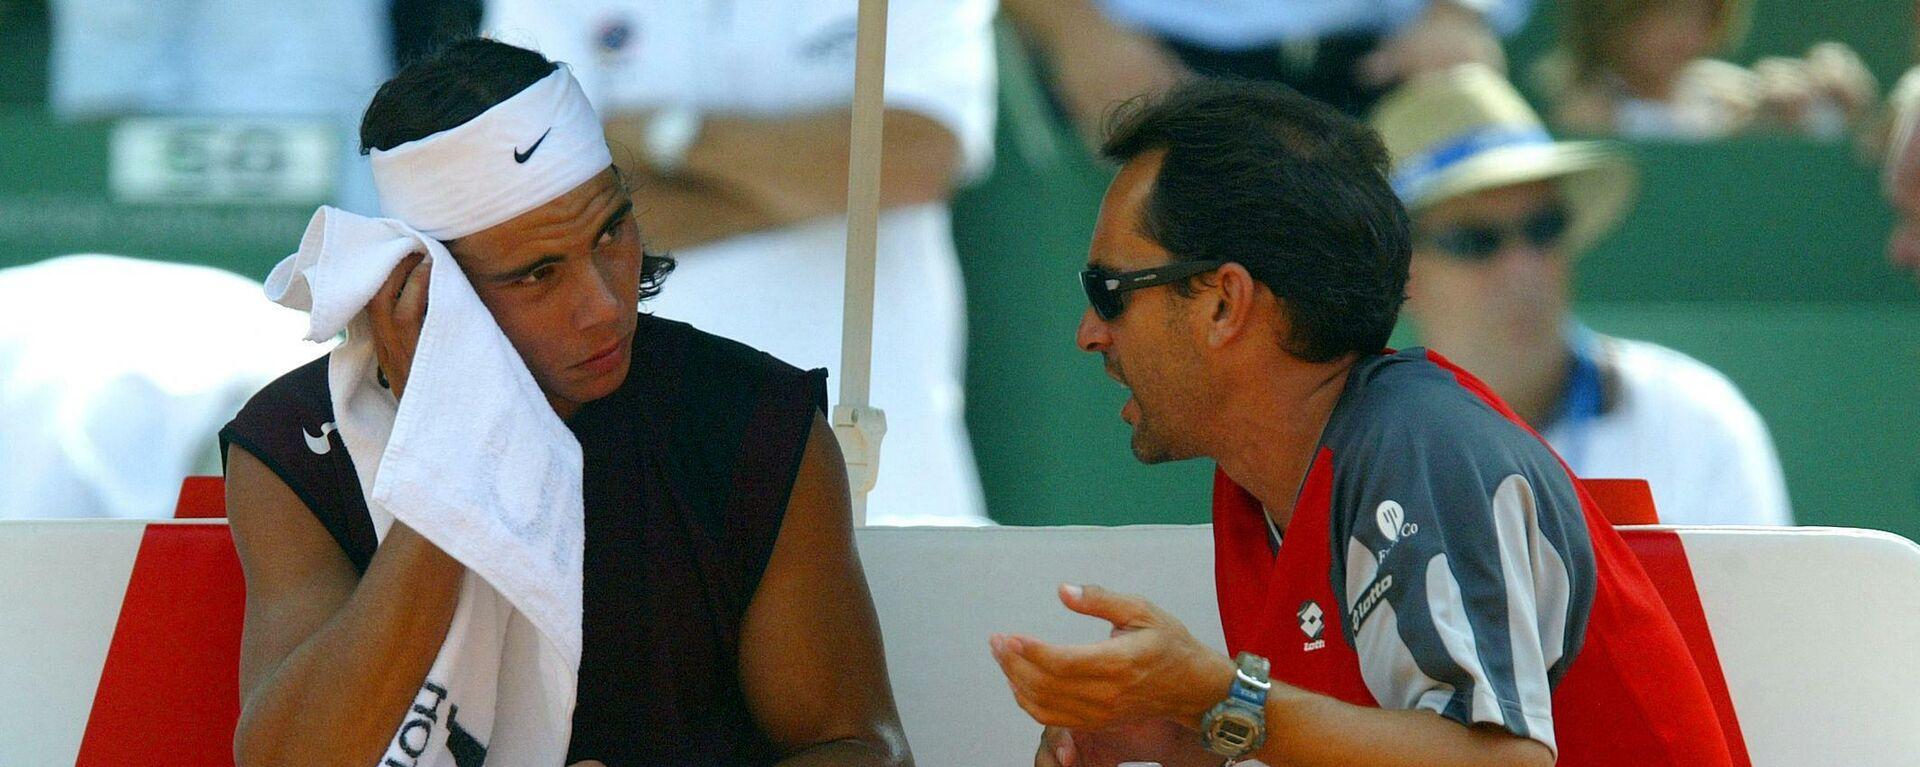 Rafael Nadal i Đordi Arese, selektor Dejvis kup reprezentacije, tokom meča 2004. u Alikanteu - Sputnik Srbija, 1920, 02.10.2021